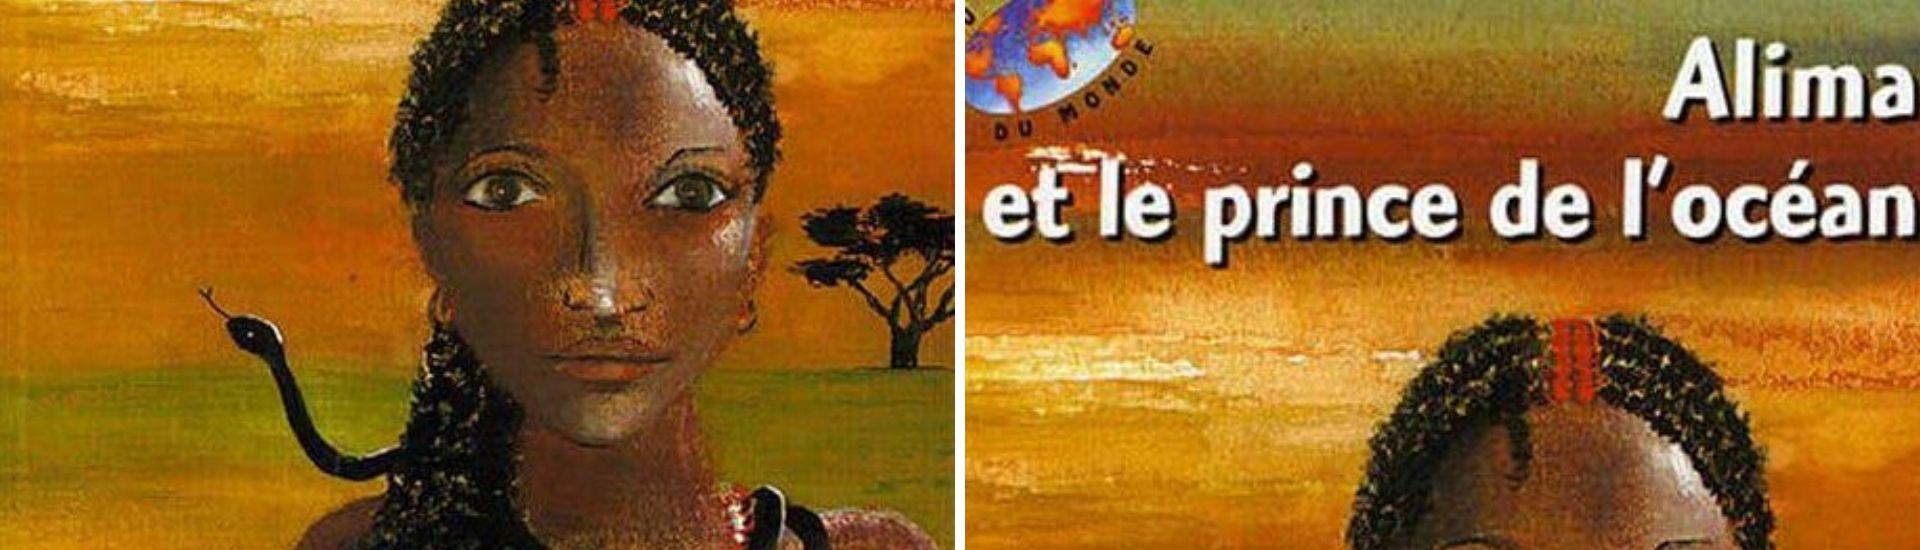 Alima et le Prince de l'Océan de Minsili Zanga, Prix du Roman Jeunesse Ile Maurice 2002